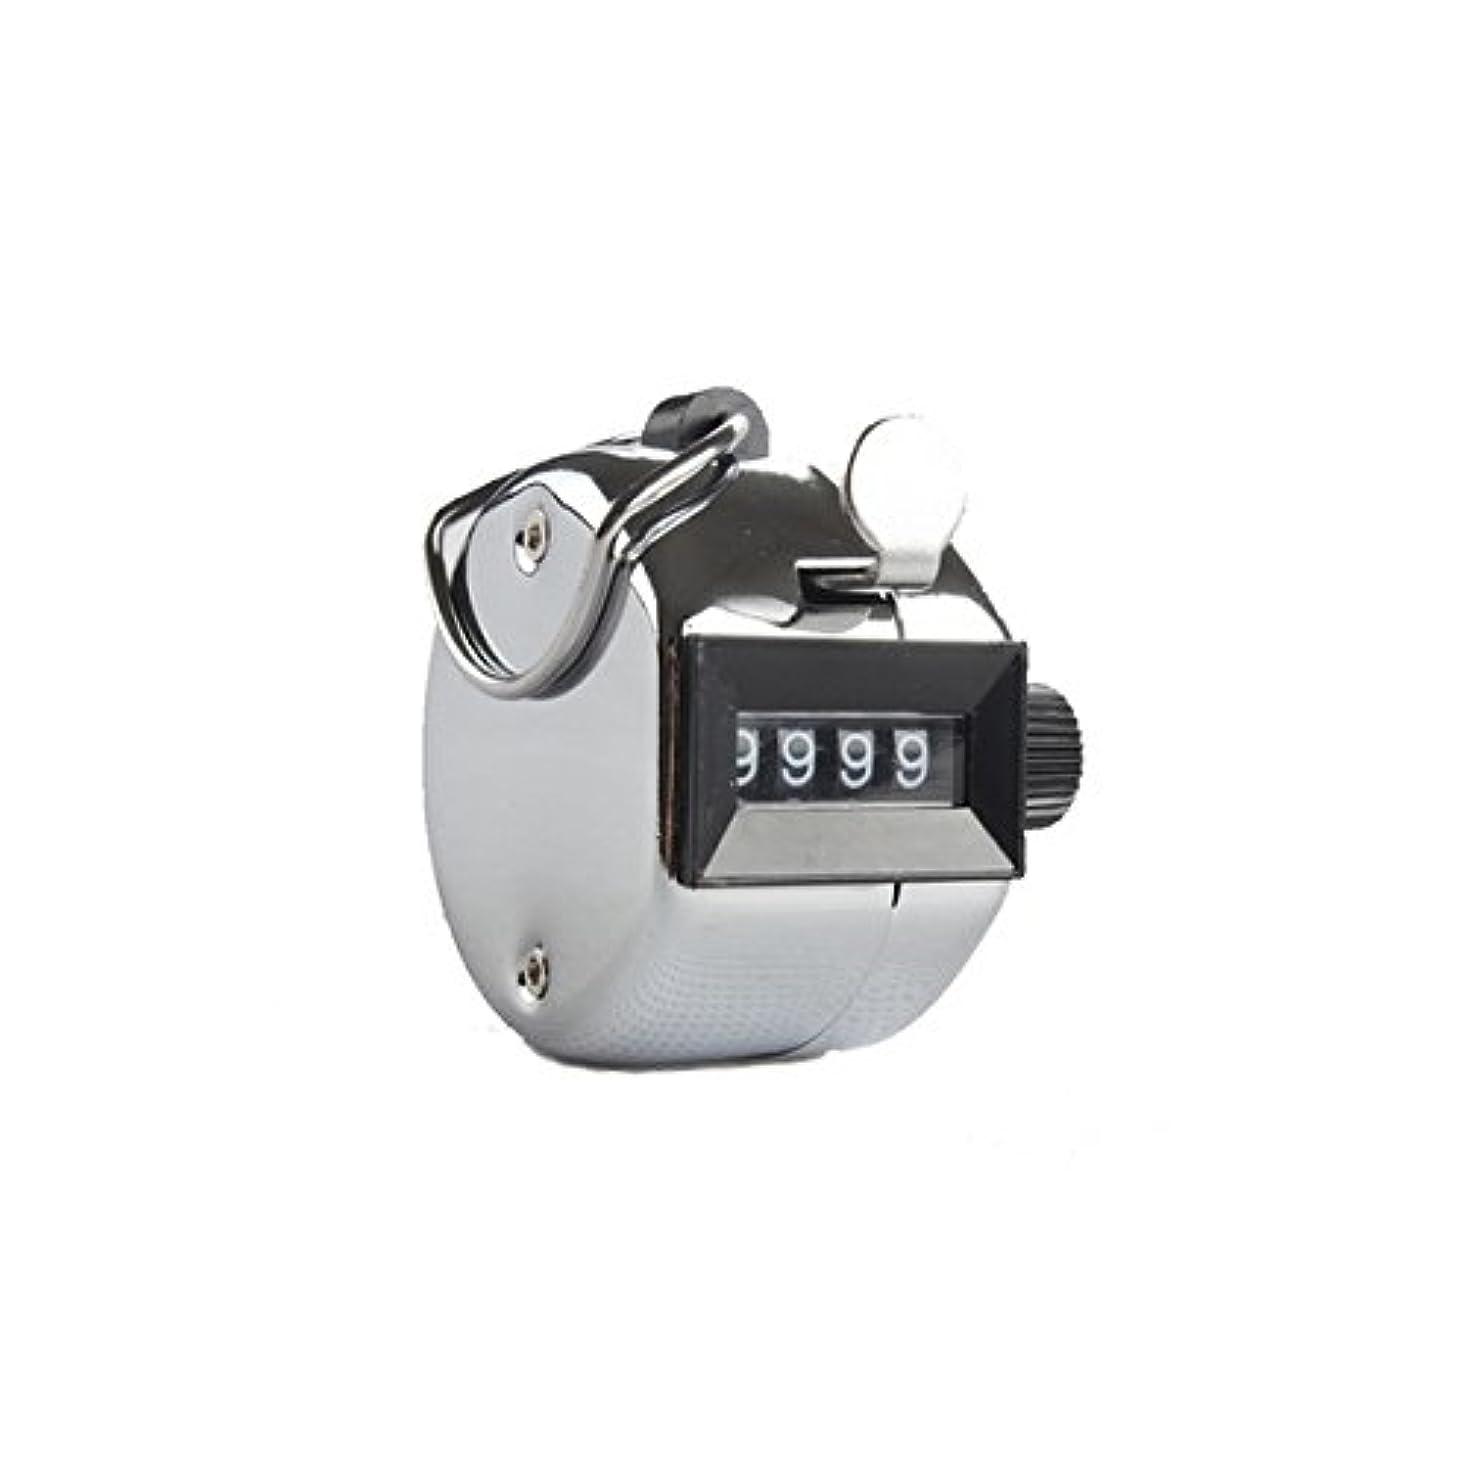 シャンプー継承有名エクステカウンター(シルバー)手持ちホルダー付き 数取器 まつげエクステ用品